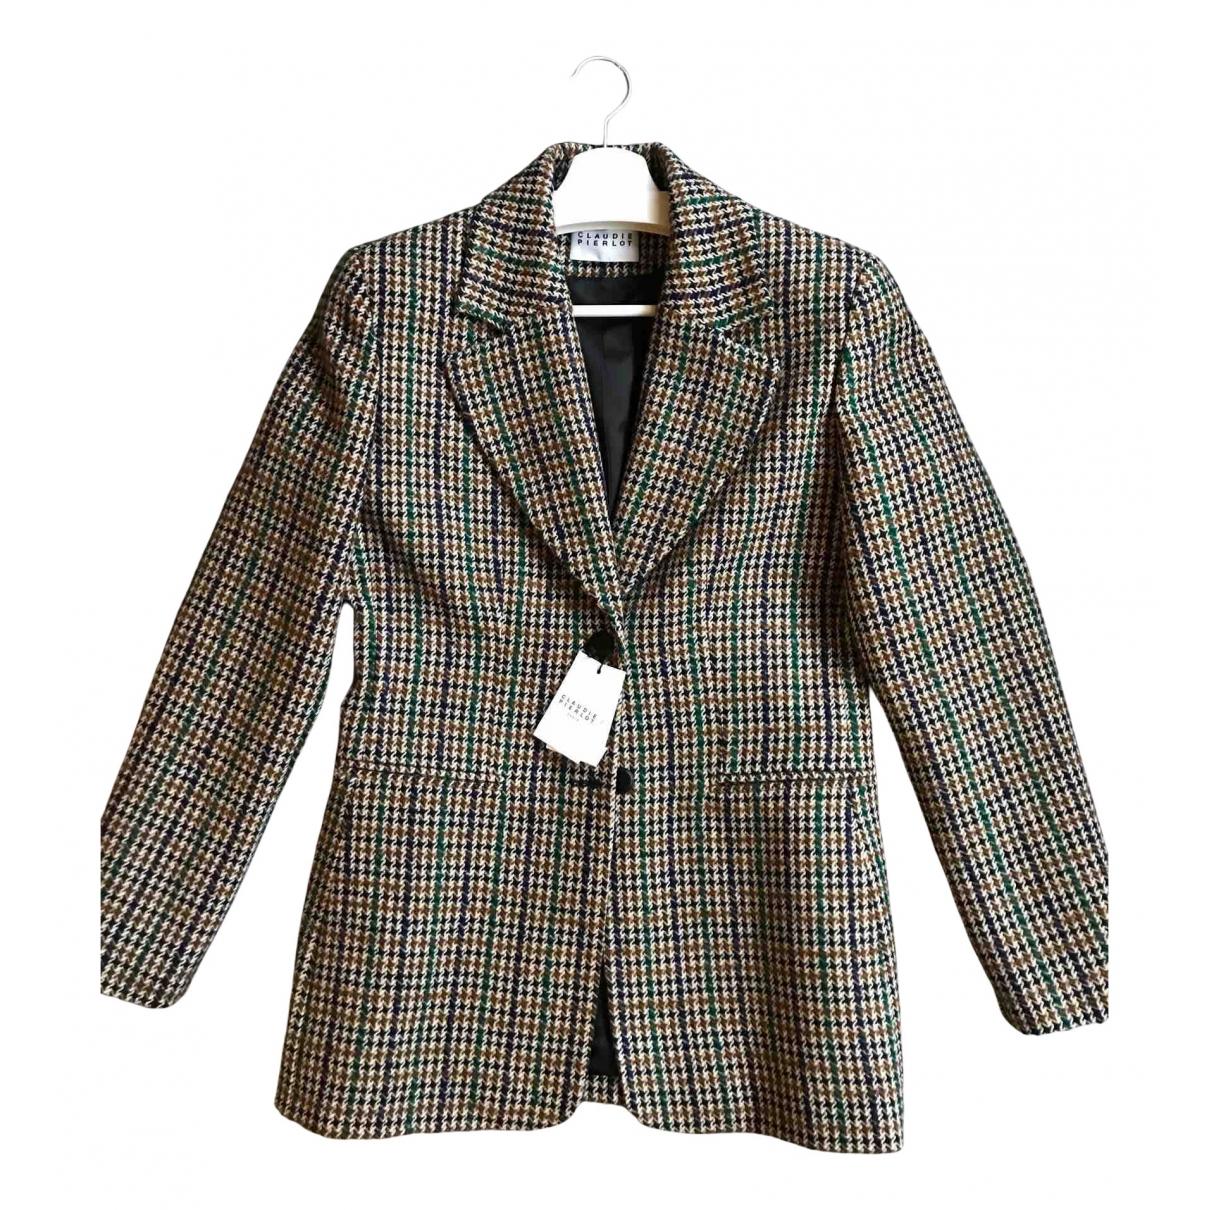 Claudie Pierlot N Wool jacket for Women 38 FR